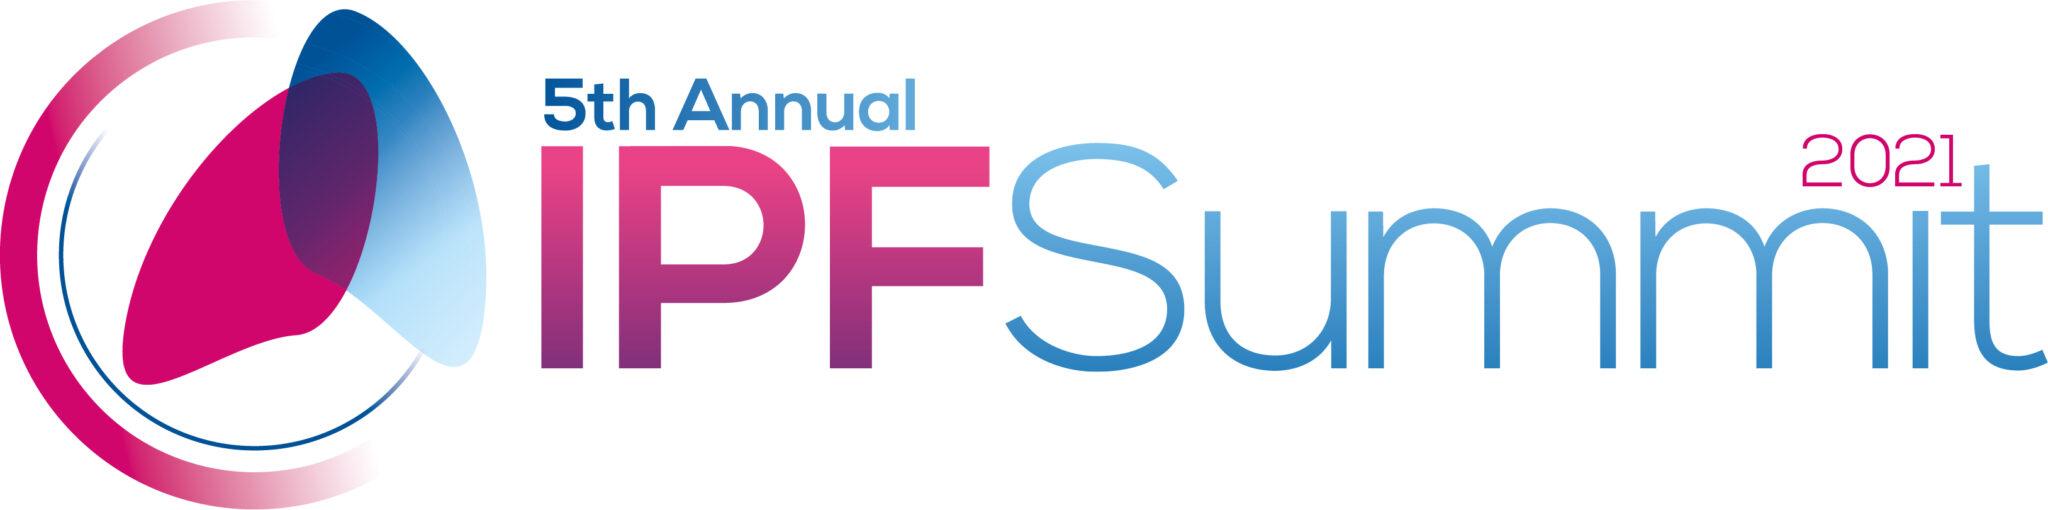 HW210107-5th-IPF-Summit-2021-logo-2048x510